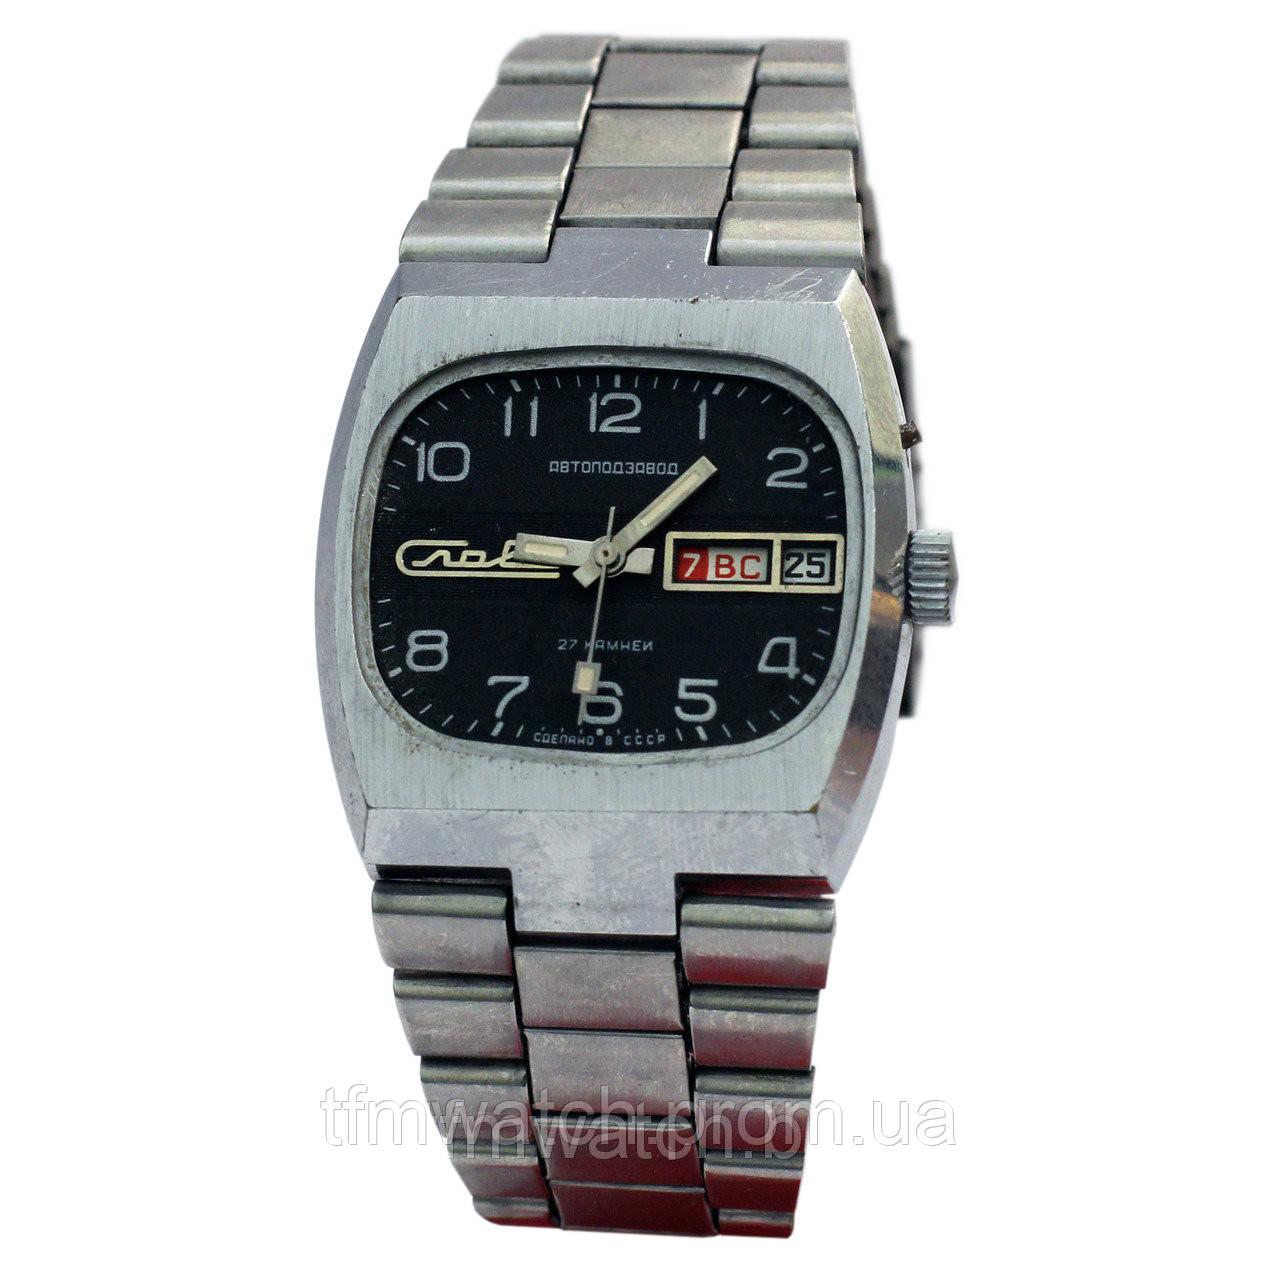 Слава наручные продать часы ломбард воронеж в часы